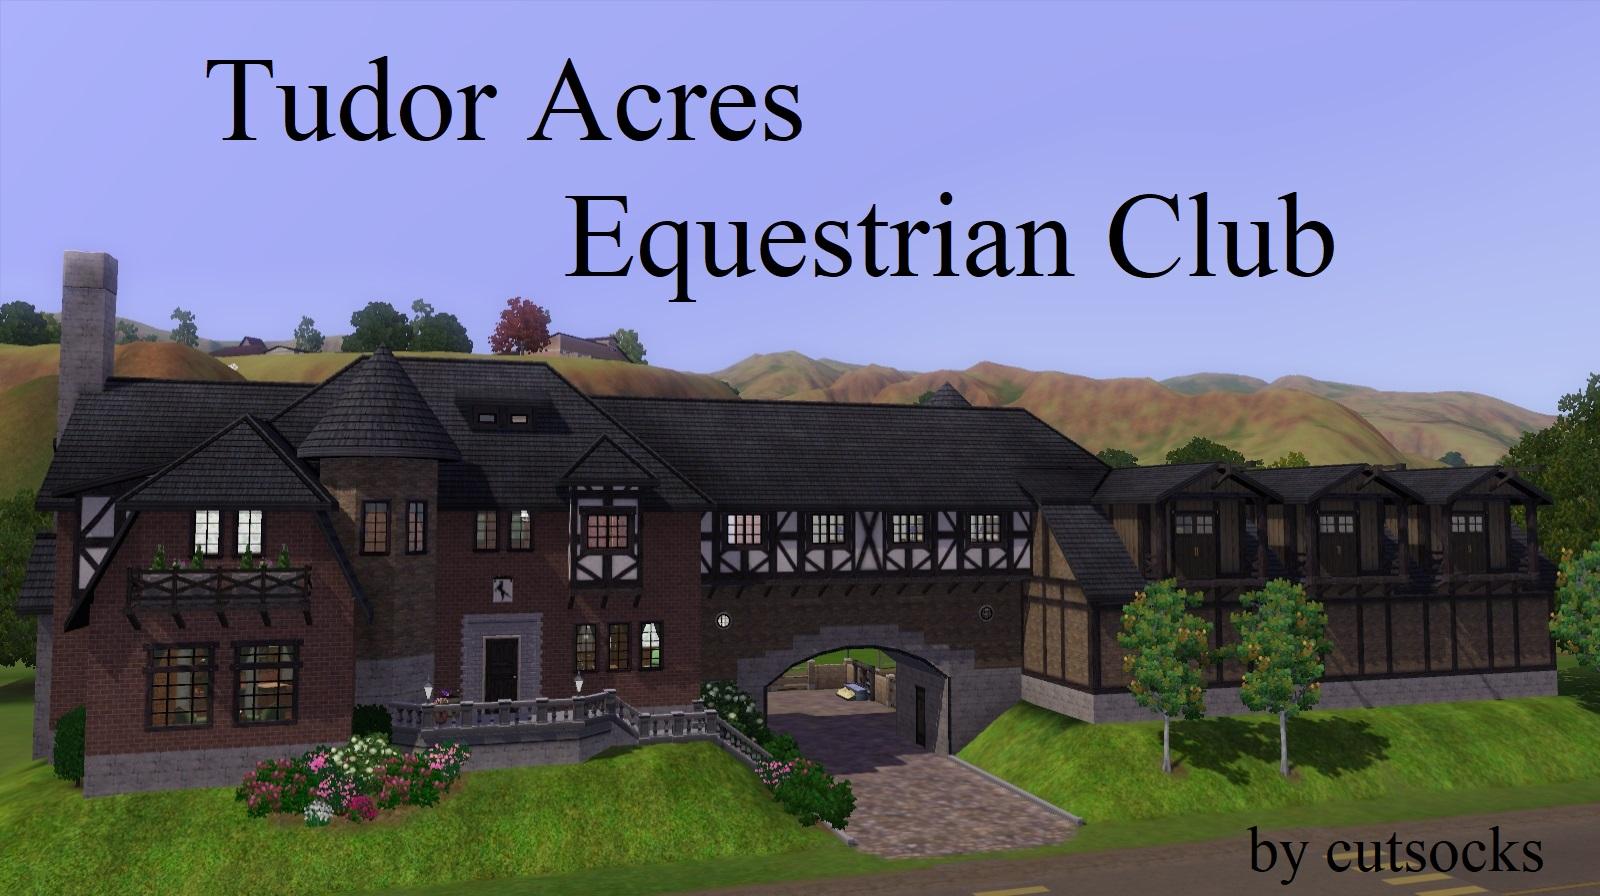 Mod The Sims - Tudor Acres Equestrian Club